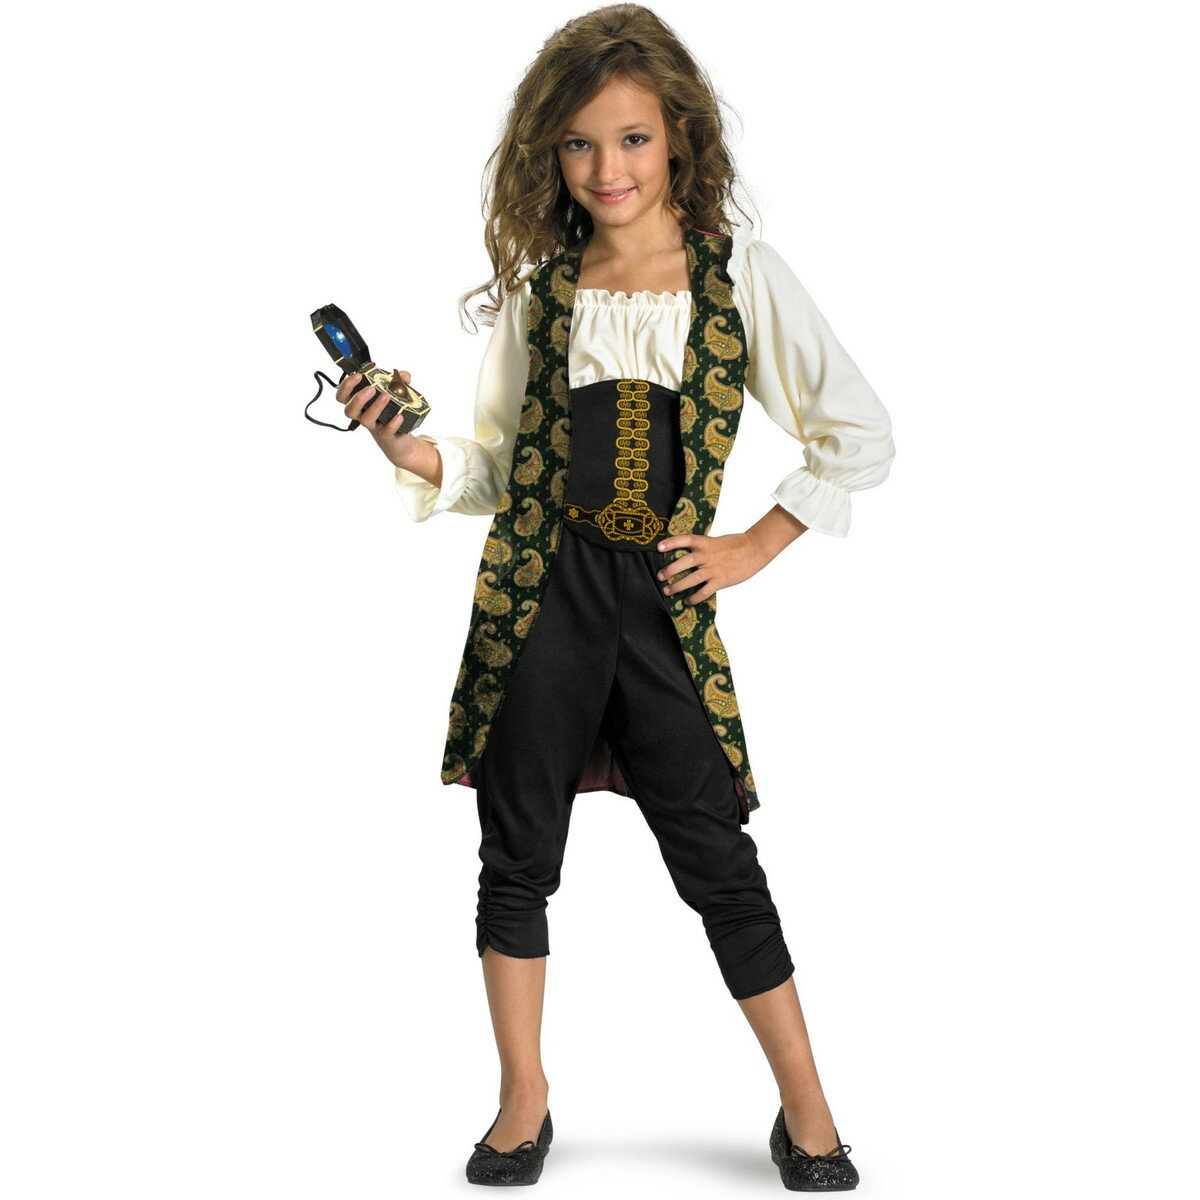 パイレーツ・オブ・カリビアン 衣装 コスプレ 子供 女の子 アンジェリカ コスチューム ハロウィン 仮装 あす楽